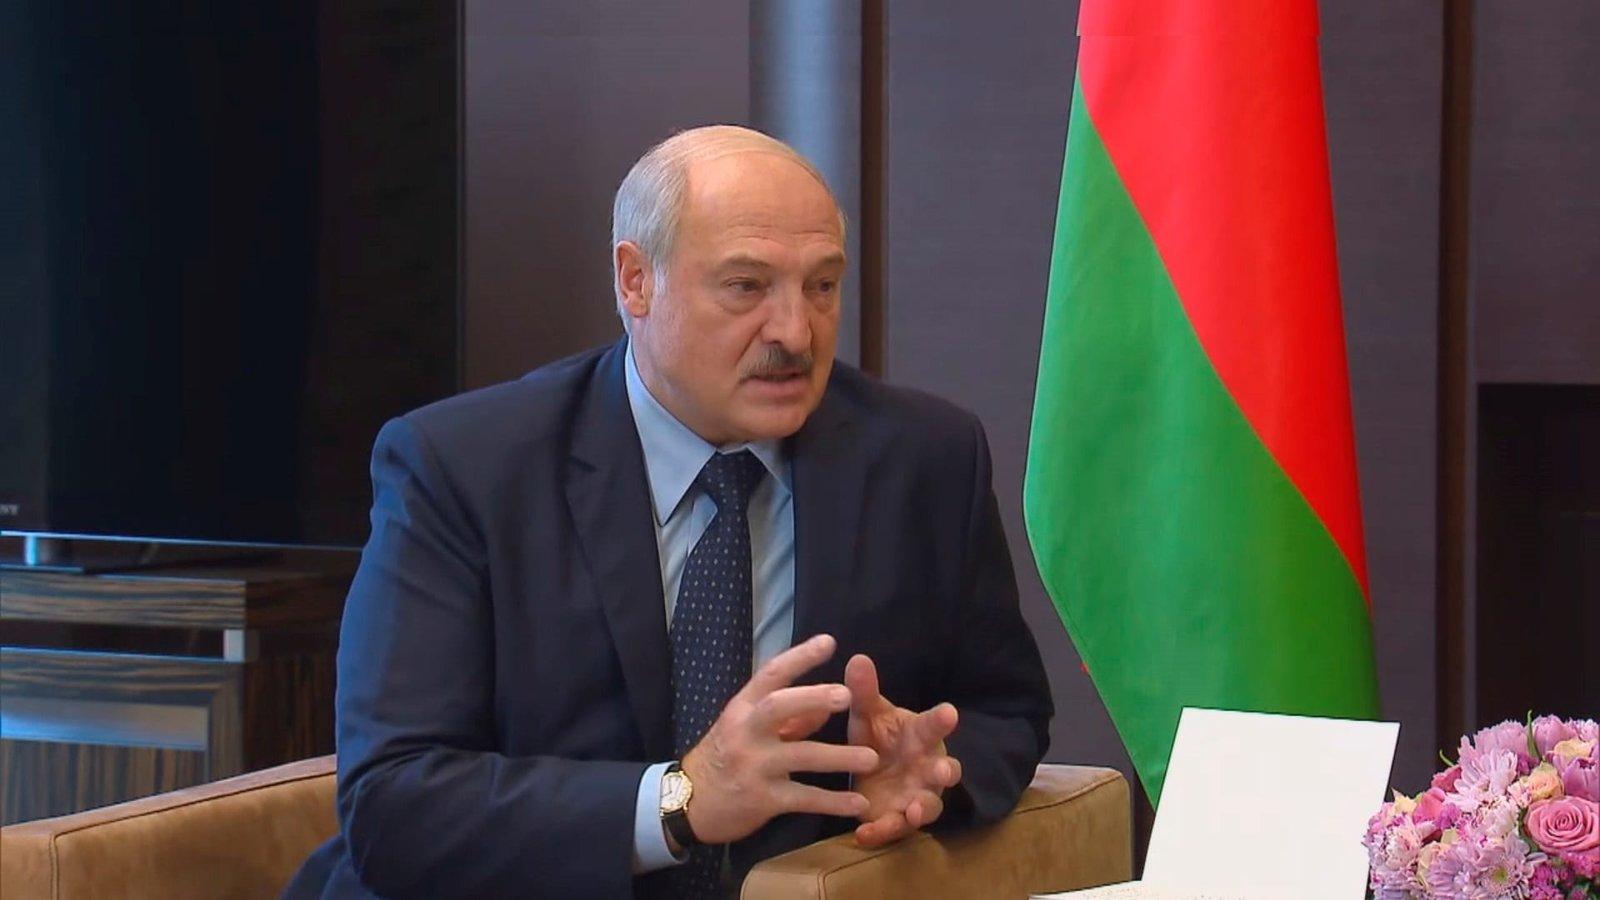 Lukashenko asignará 500 millones de dólares a combatir COVID-19